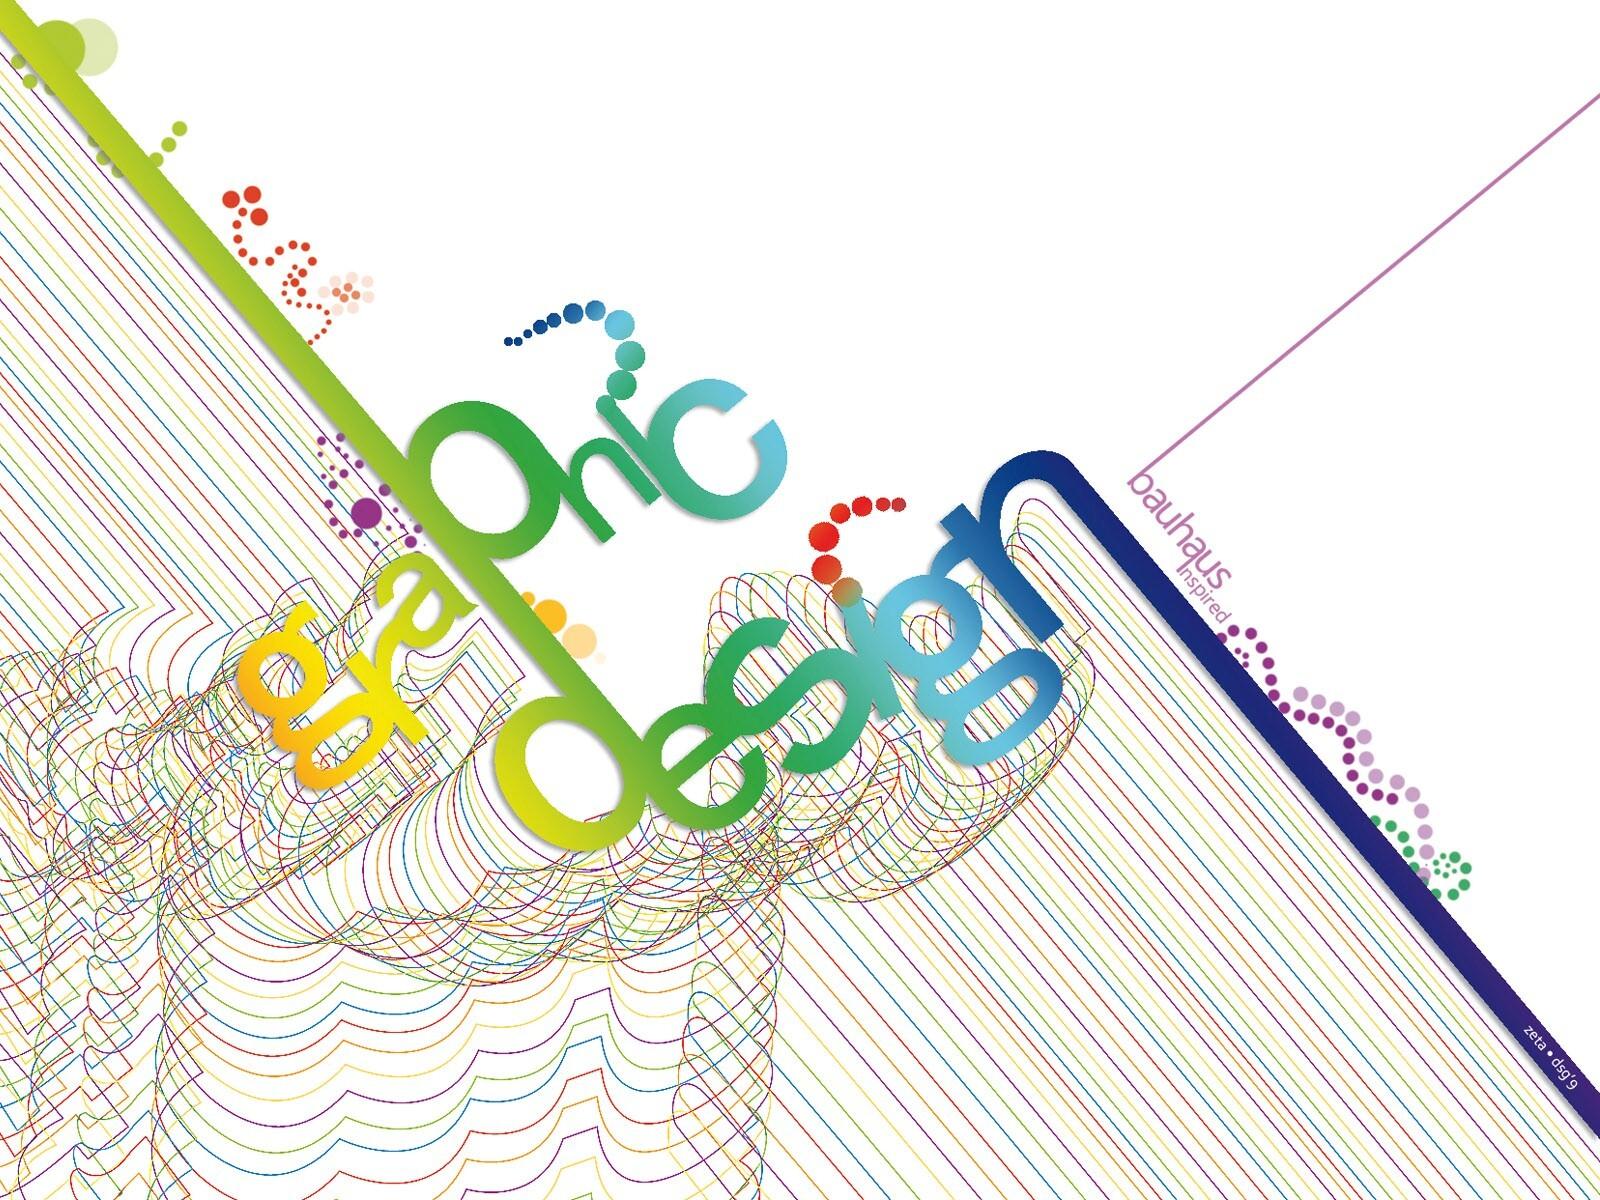 Graphic design desktop background hd wallpapers - Graphic design desktop wallpaper hd ...